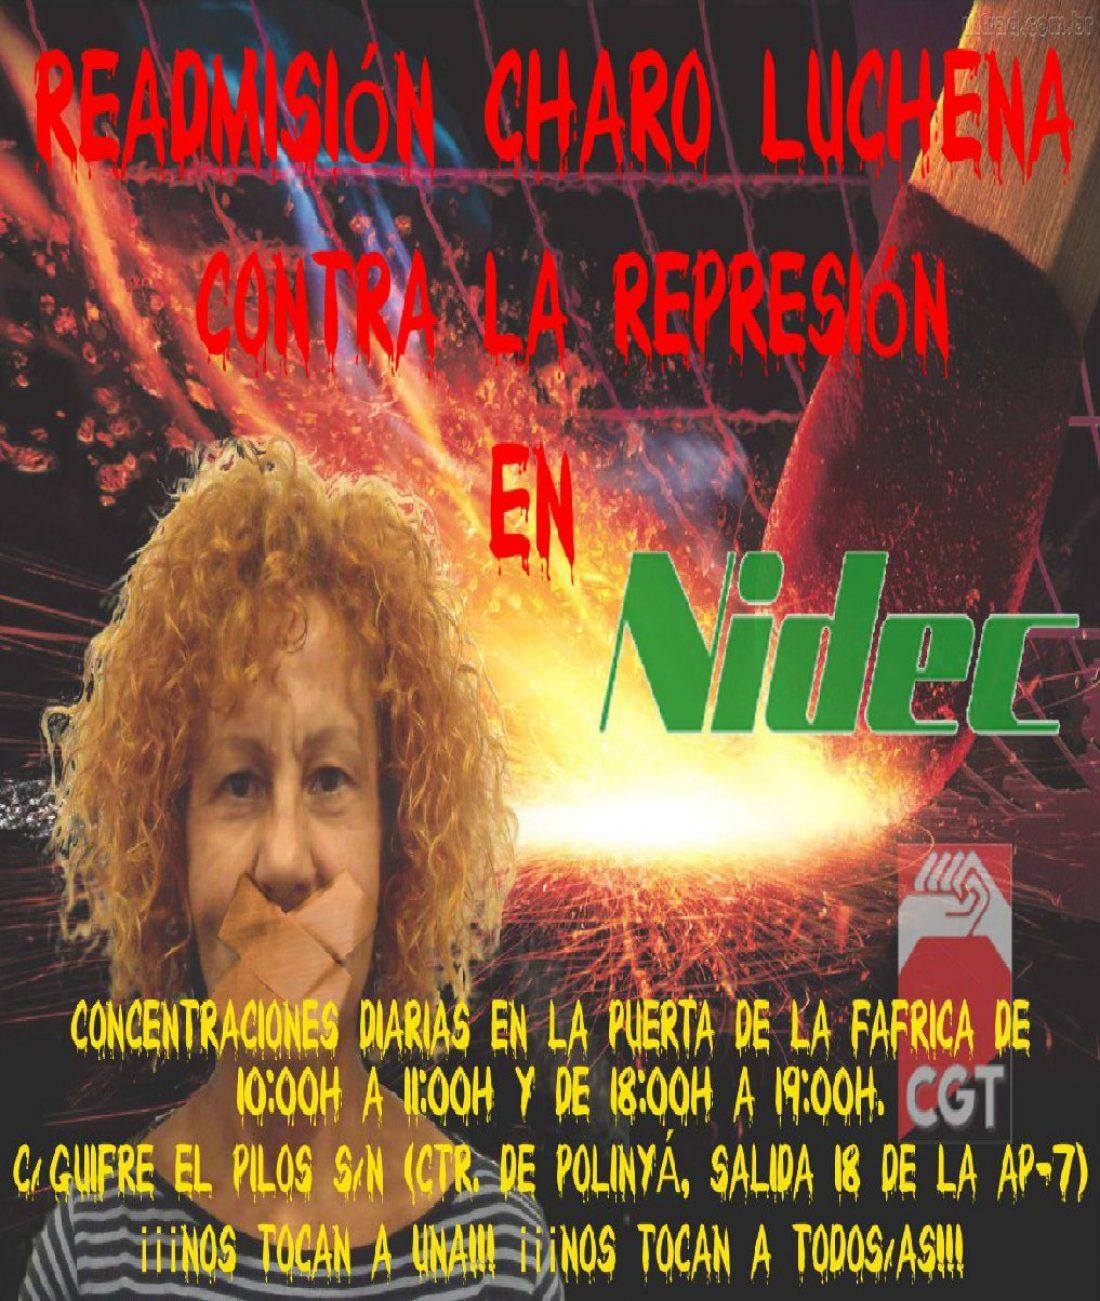 Comunicado: tras meses de lucha contra Nidec Motors & Actuators, Charo Lucena readmitida